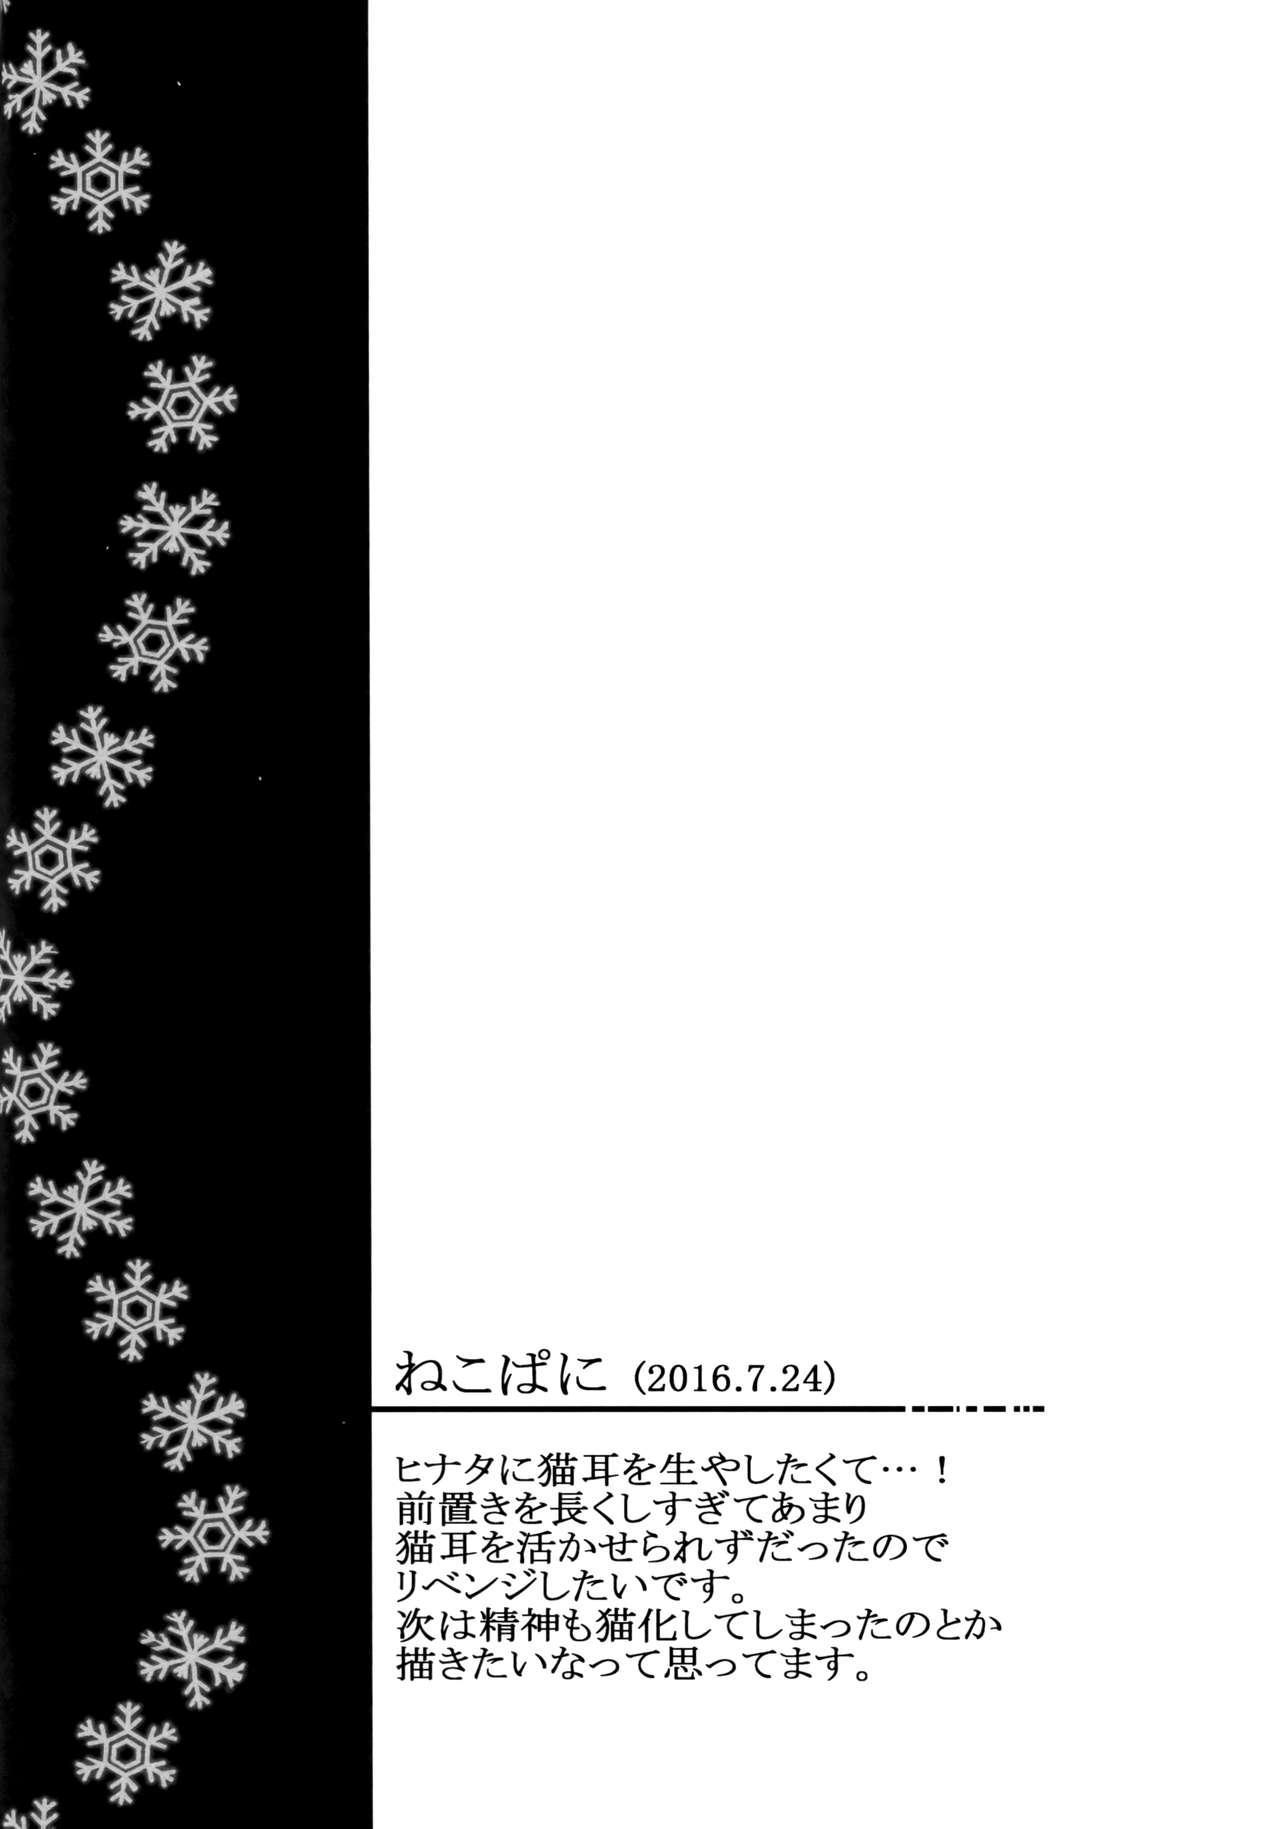 Fuyuiro Memories - Winter Color Memories 184